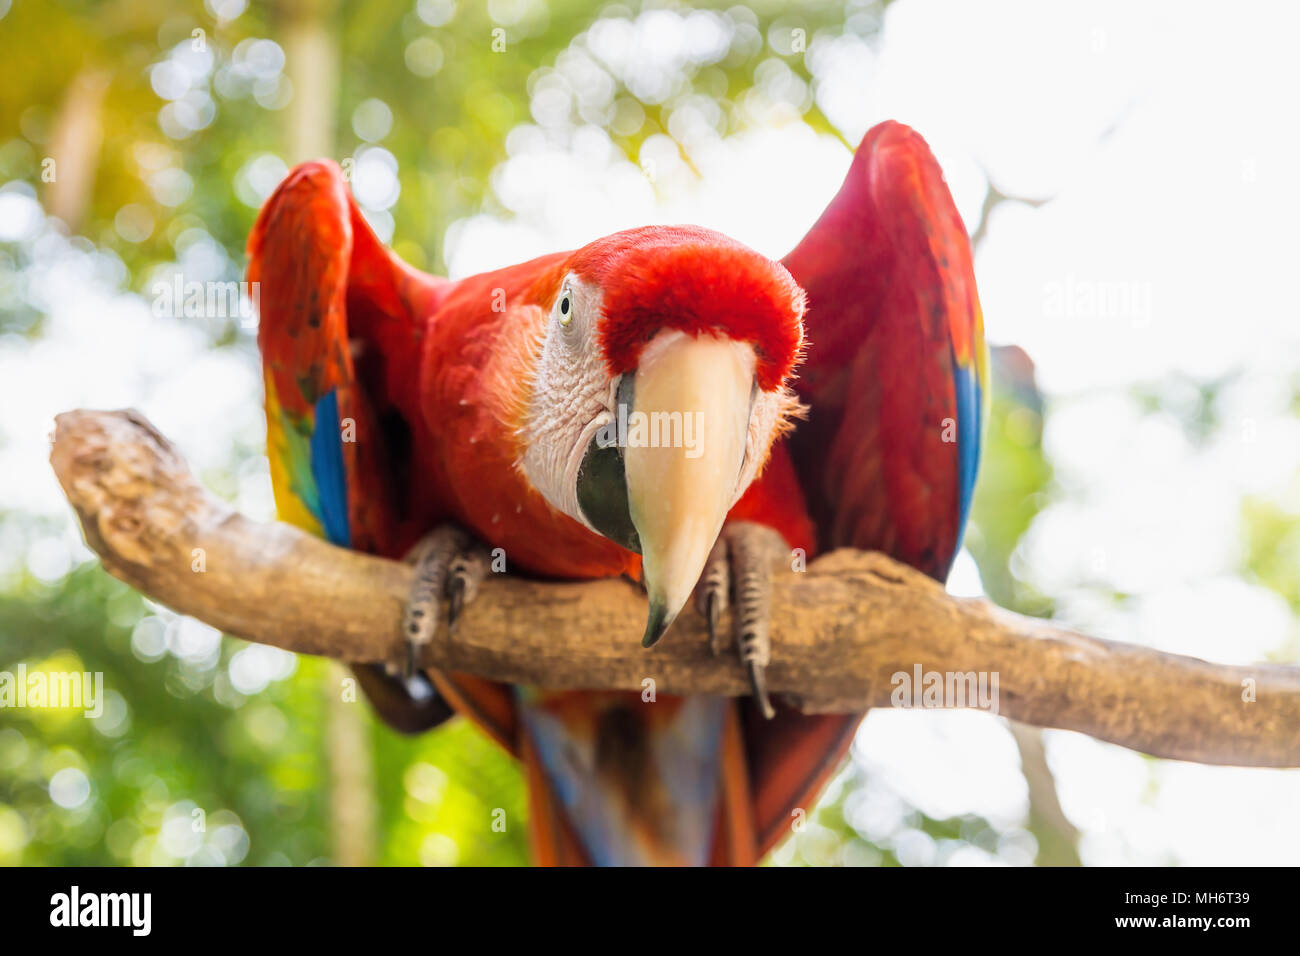 Guardando dritto Scarlett Macaw bird parrot con colore rosso in Macaw Mountain, Copan Ruinas, Honduras, America Centrale Immagini Stock